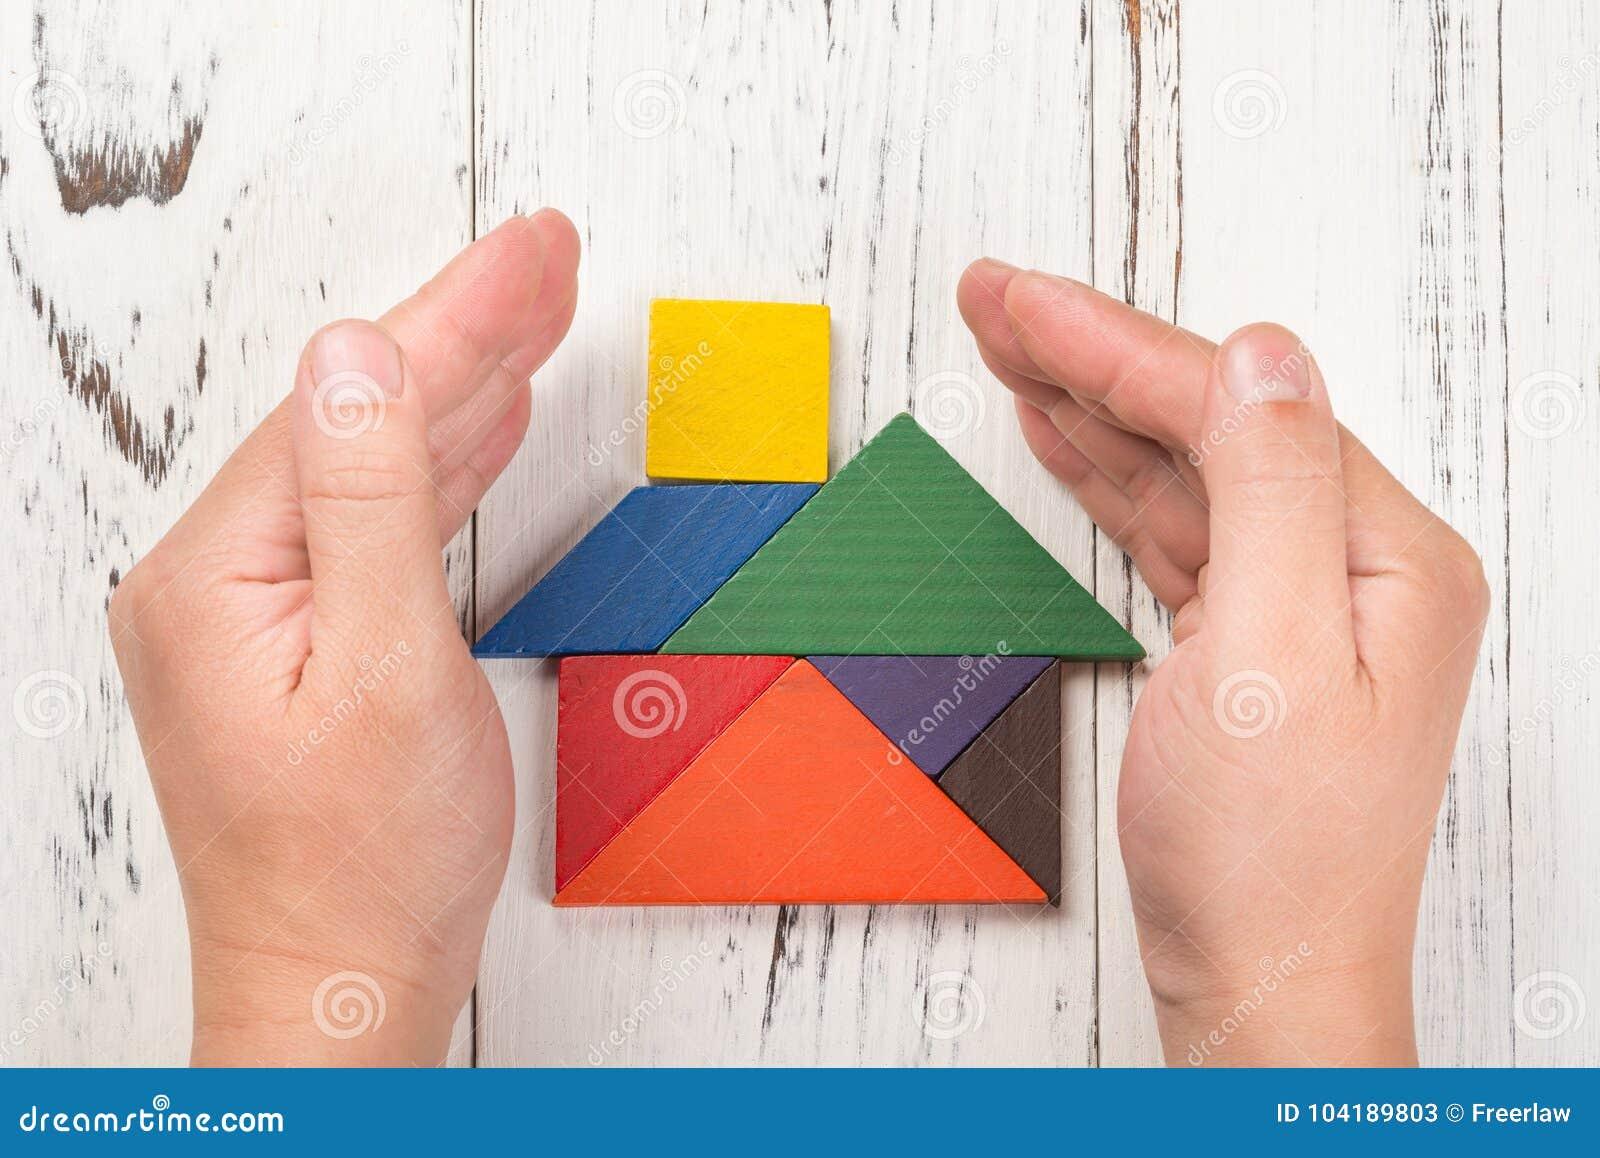 Tangram foto stock iscriviti gratis for Una pianta della casa di legno